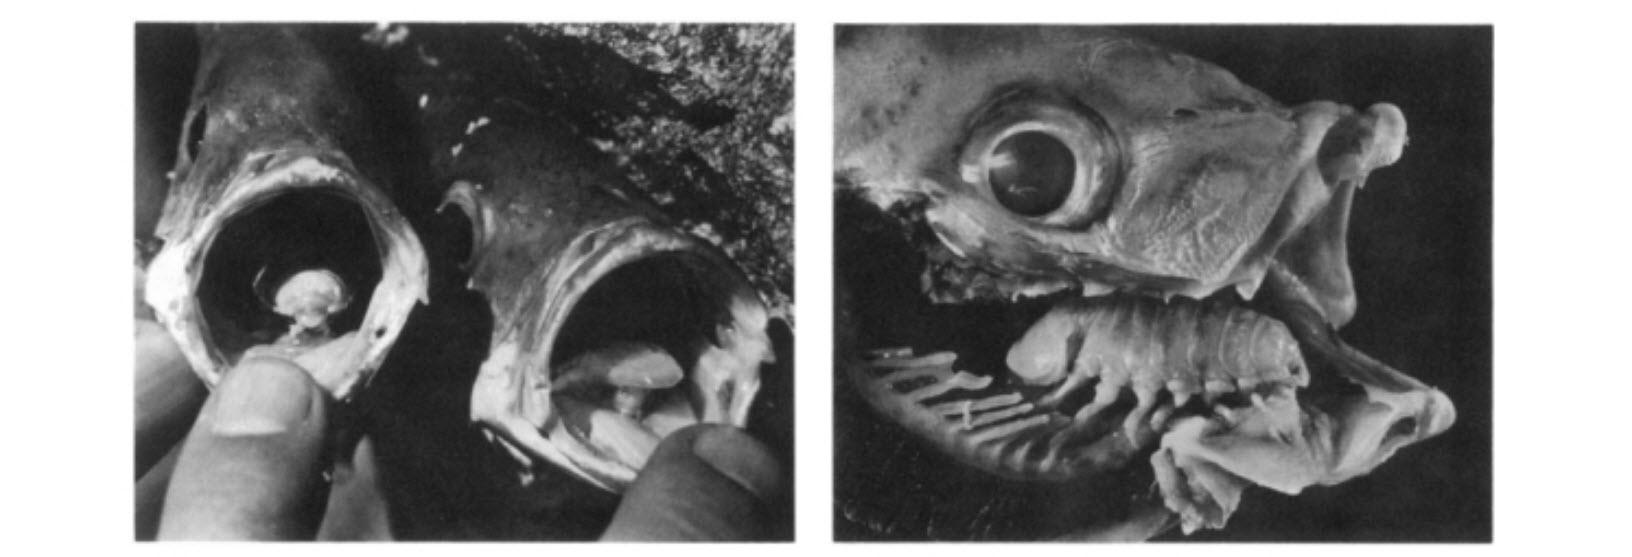 egy parazita, amely nyelv helyett hány parazita petesejt él